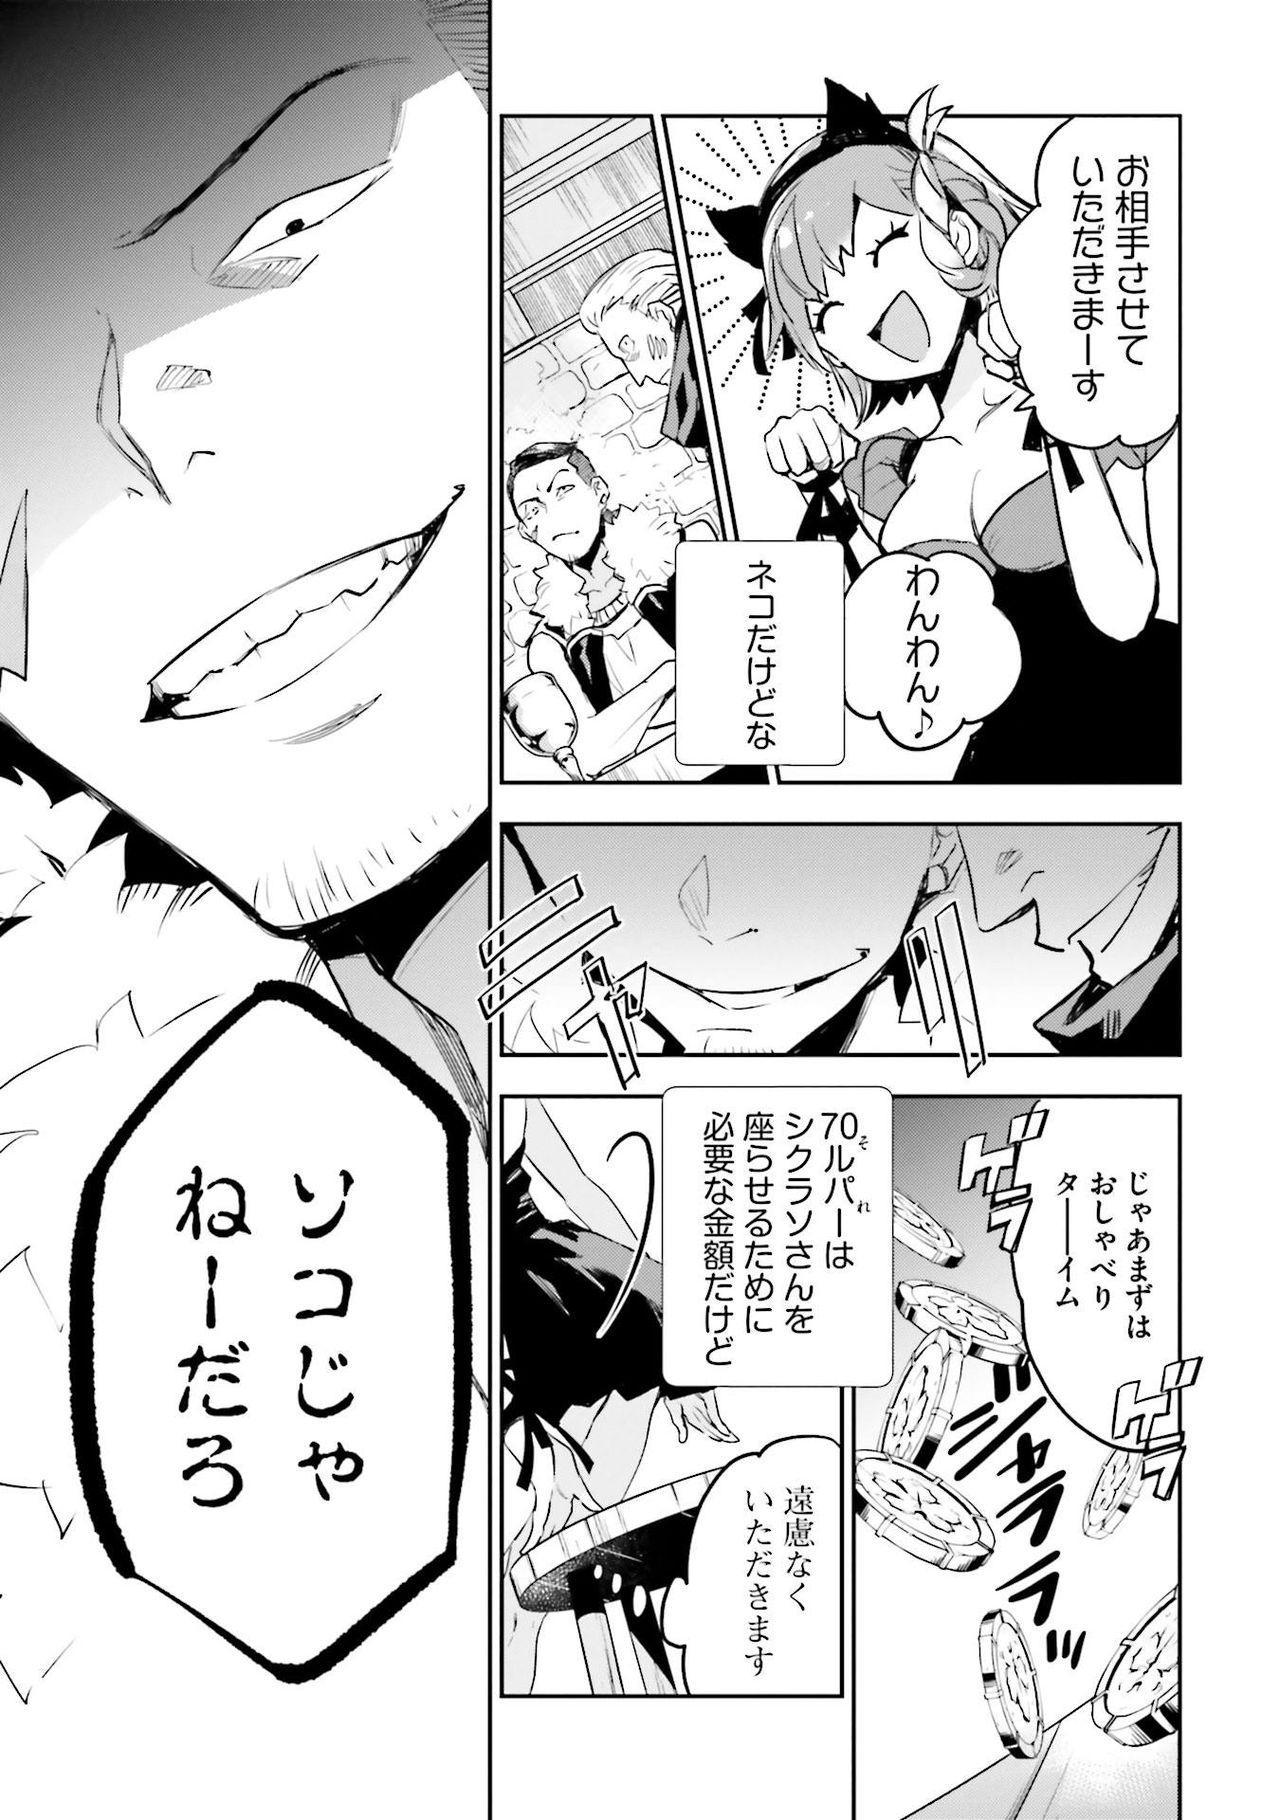 JK Haru wa Isekai de Shoufu ni Natta 1-14 231